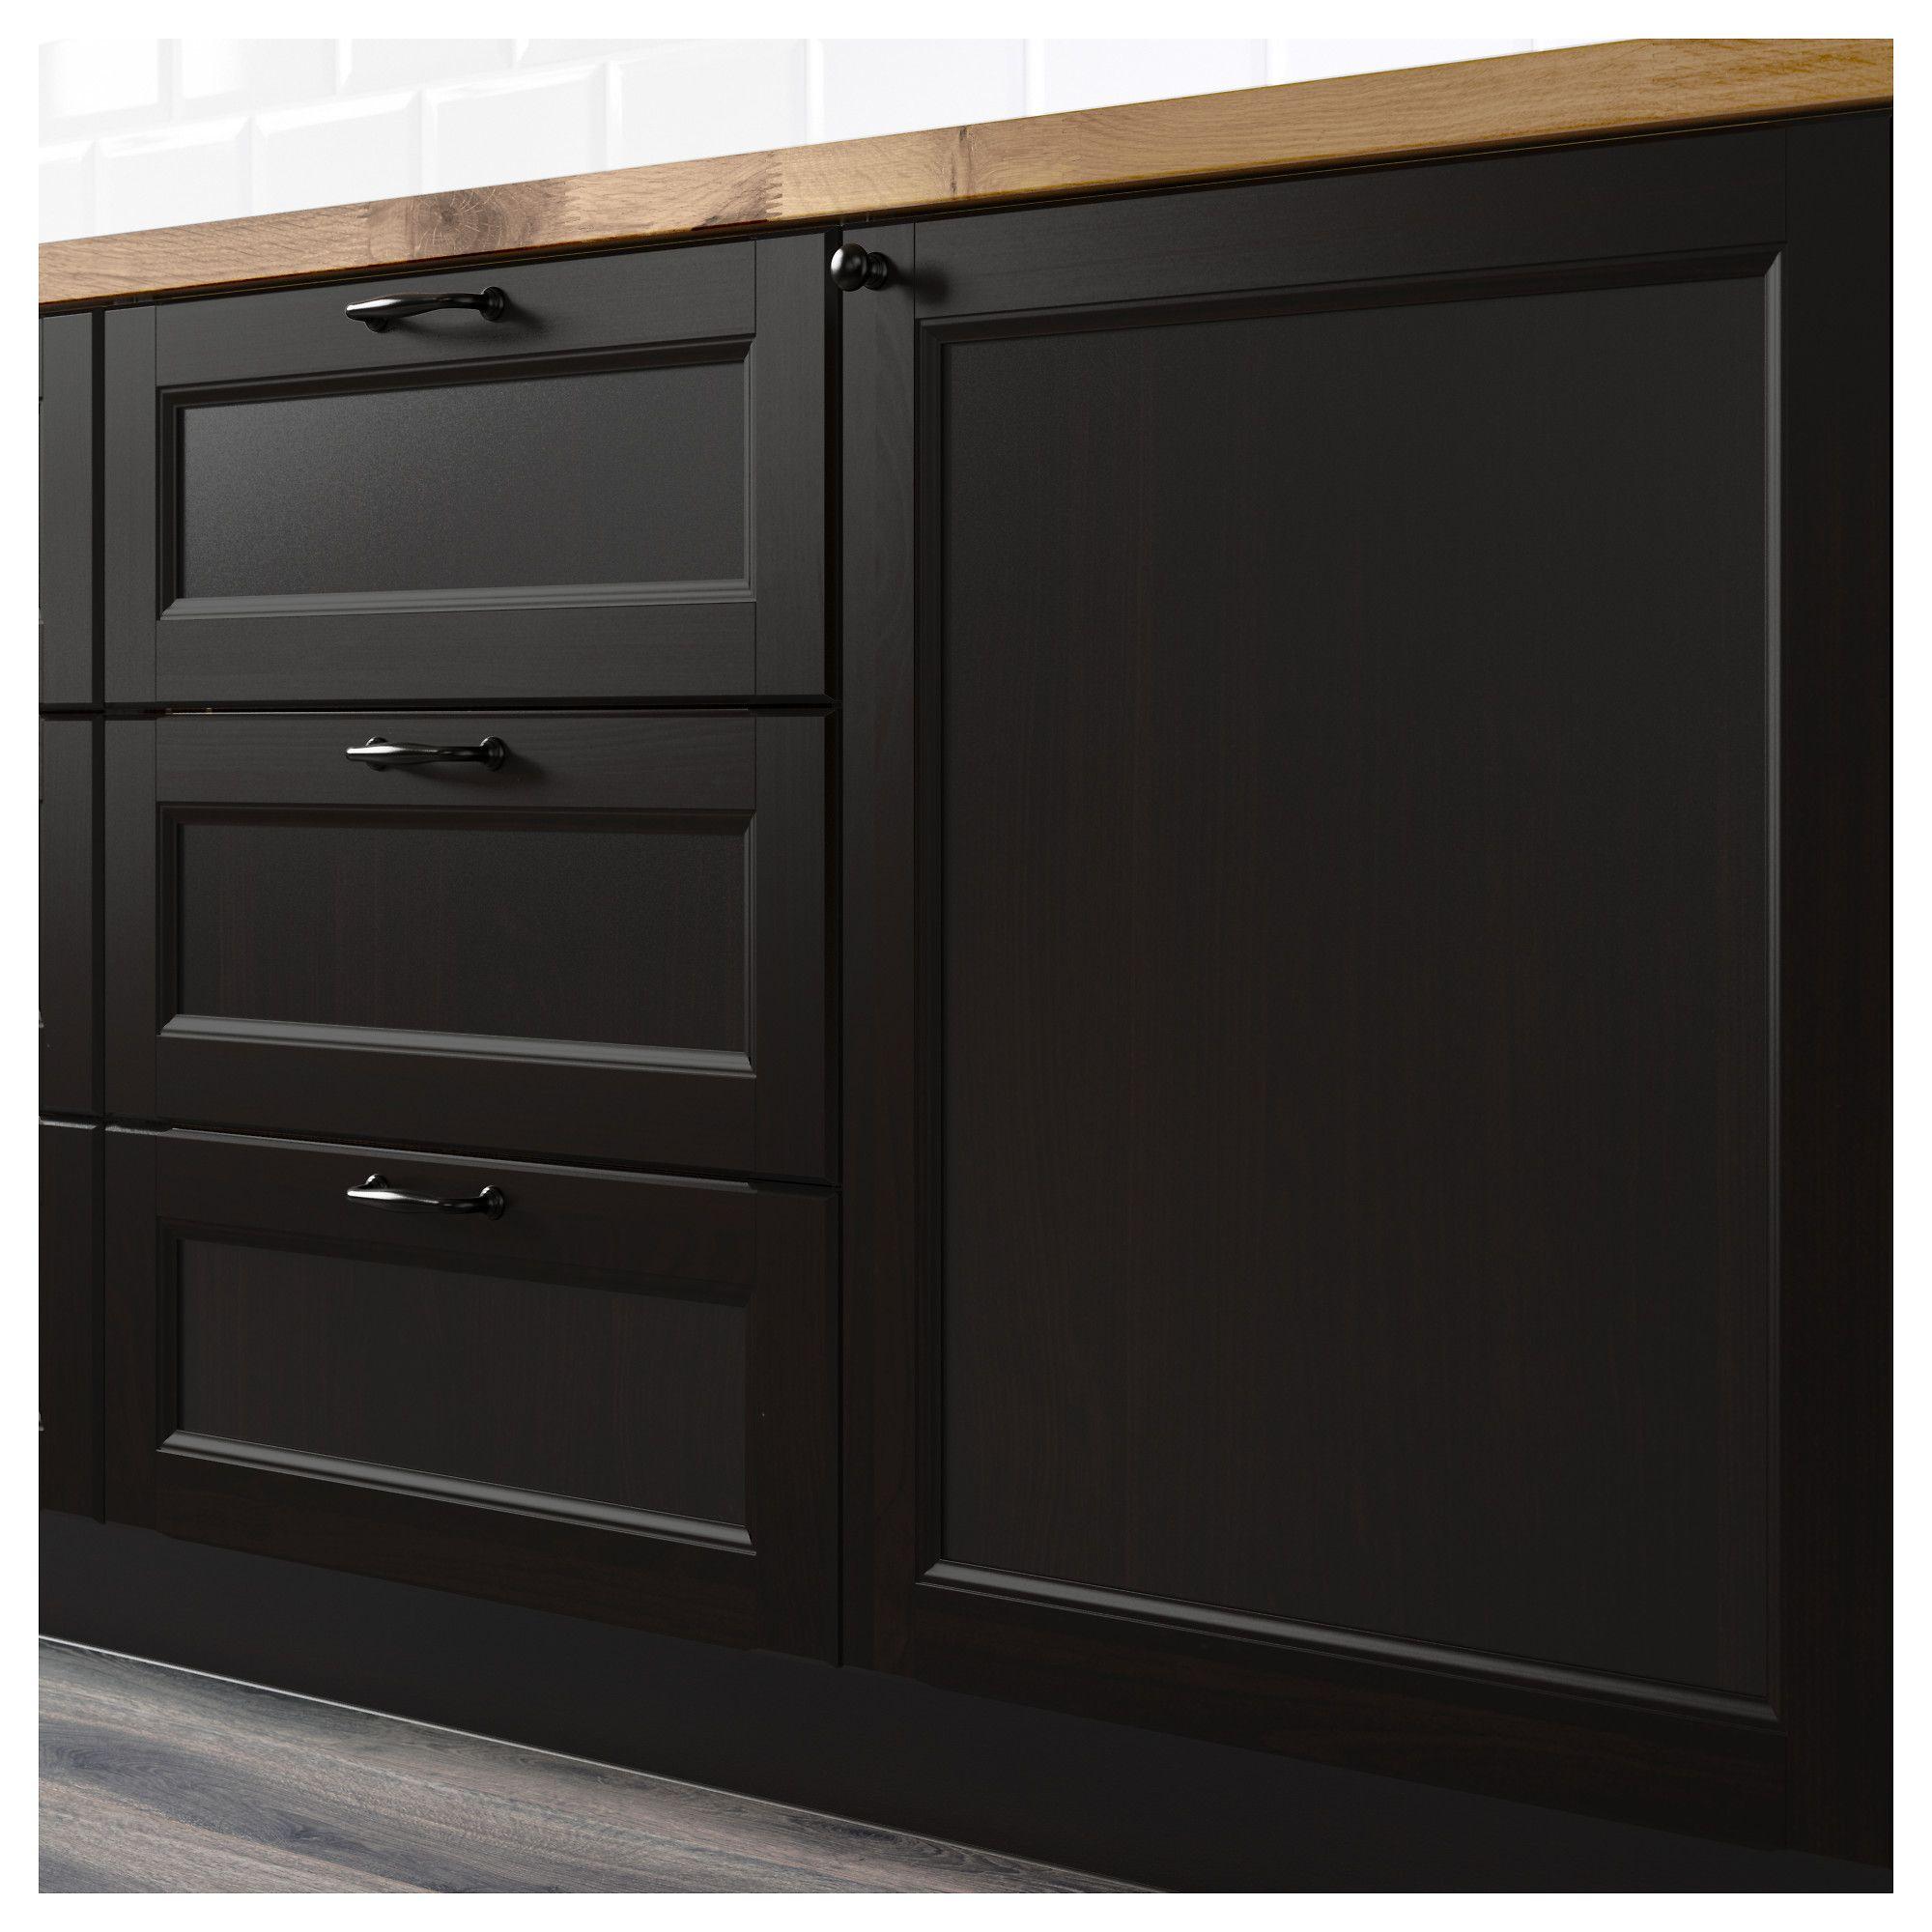 Corner base kitchen cabinet  IKEA  LAXARBY p doorcorner base cabinet set blackbrown  For